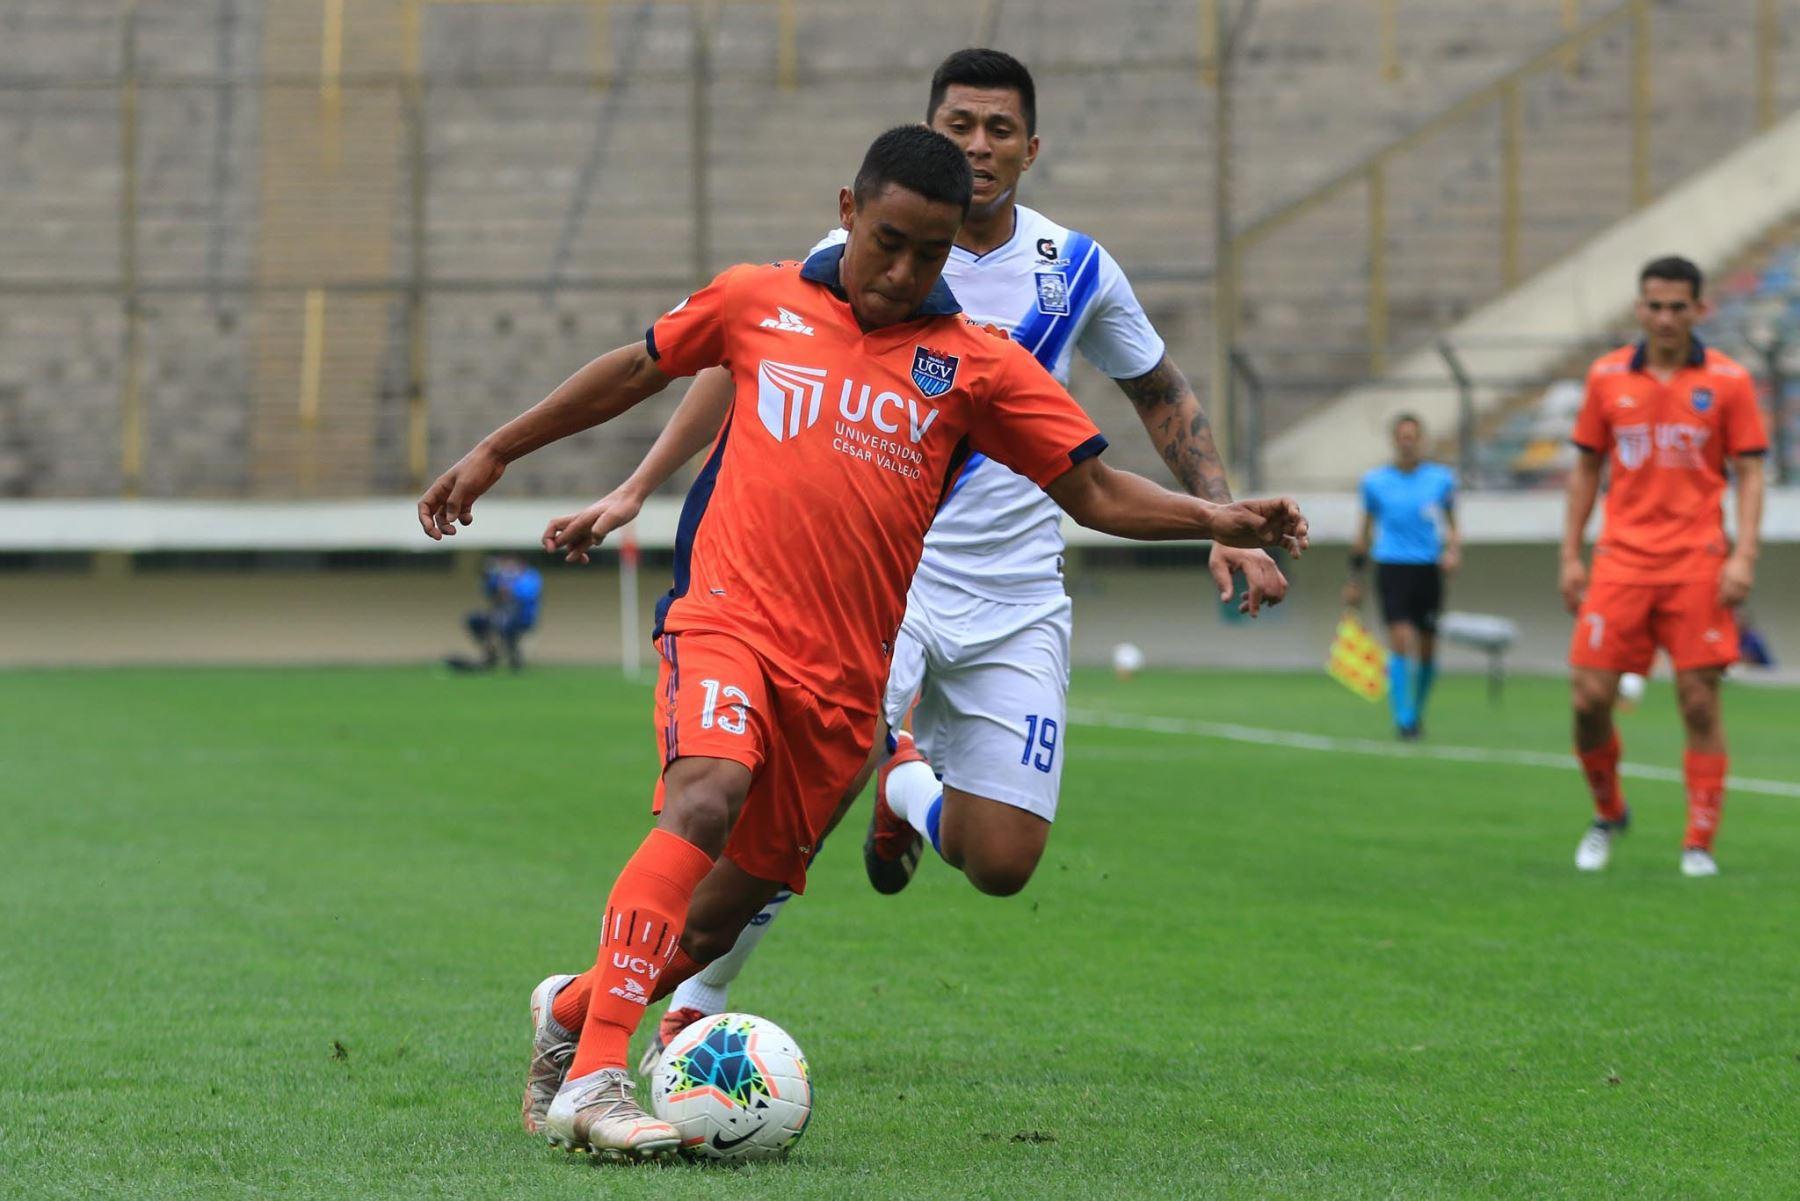 N. Rodríguez del Club Cesar Vallejo se enfrenta ante la marca de P. Cruzado durante partido por la tercera fecha de la Liga 1, en el Estadio Monumental. Foto: Liga 1